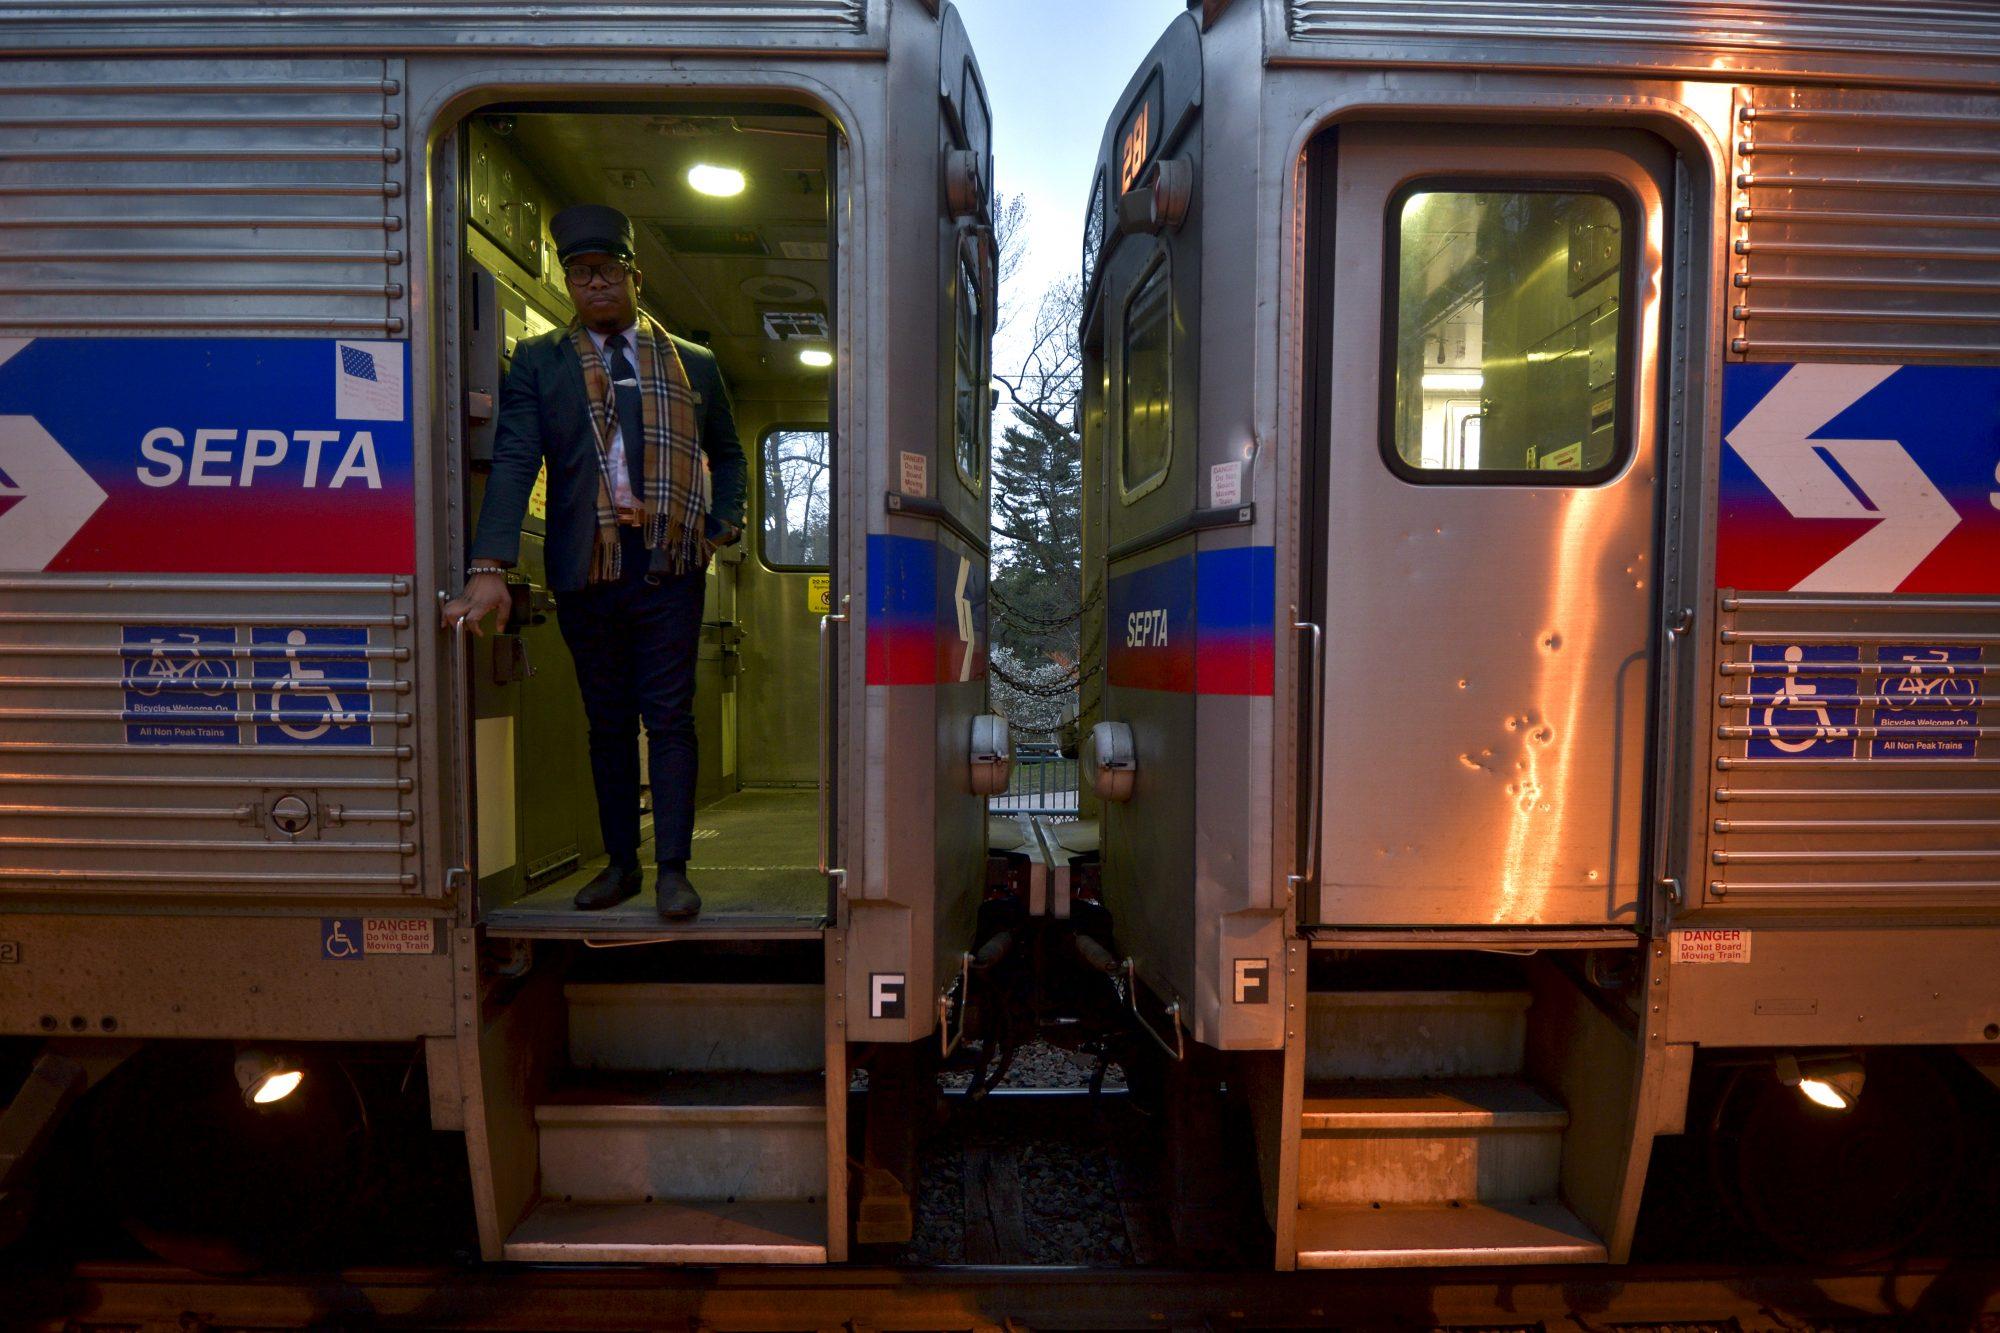 Tren SEPTA en una estación de Filadelfia